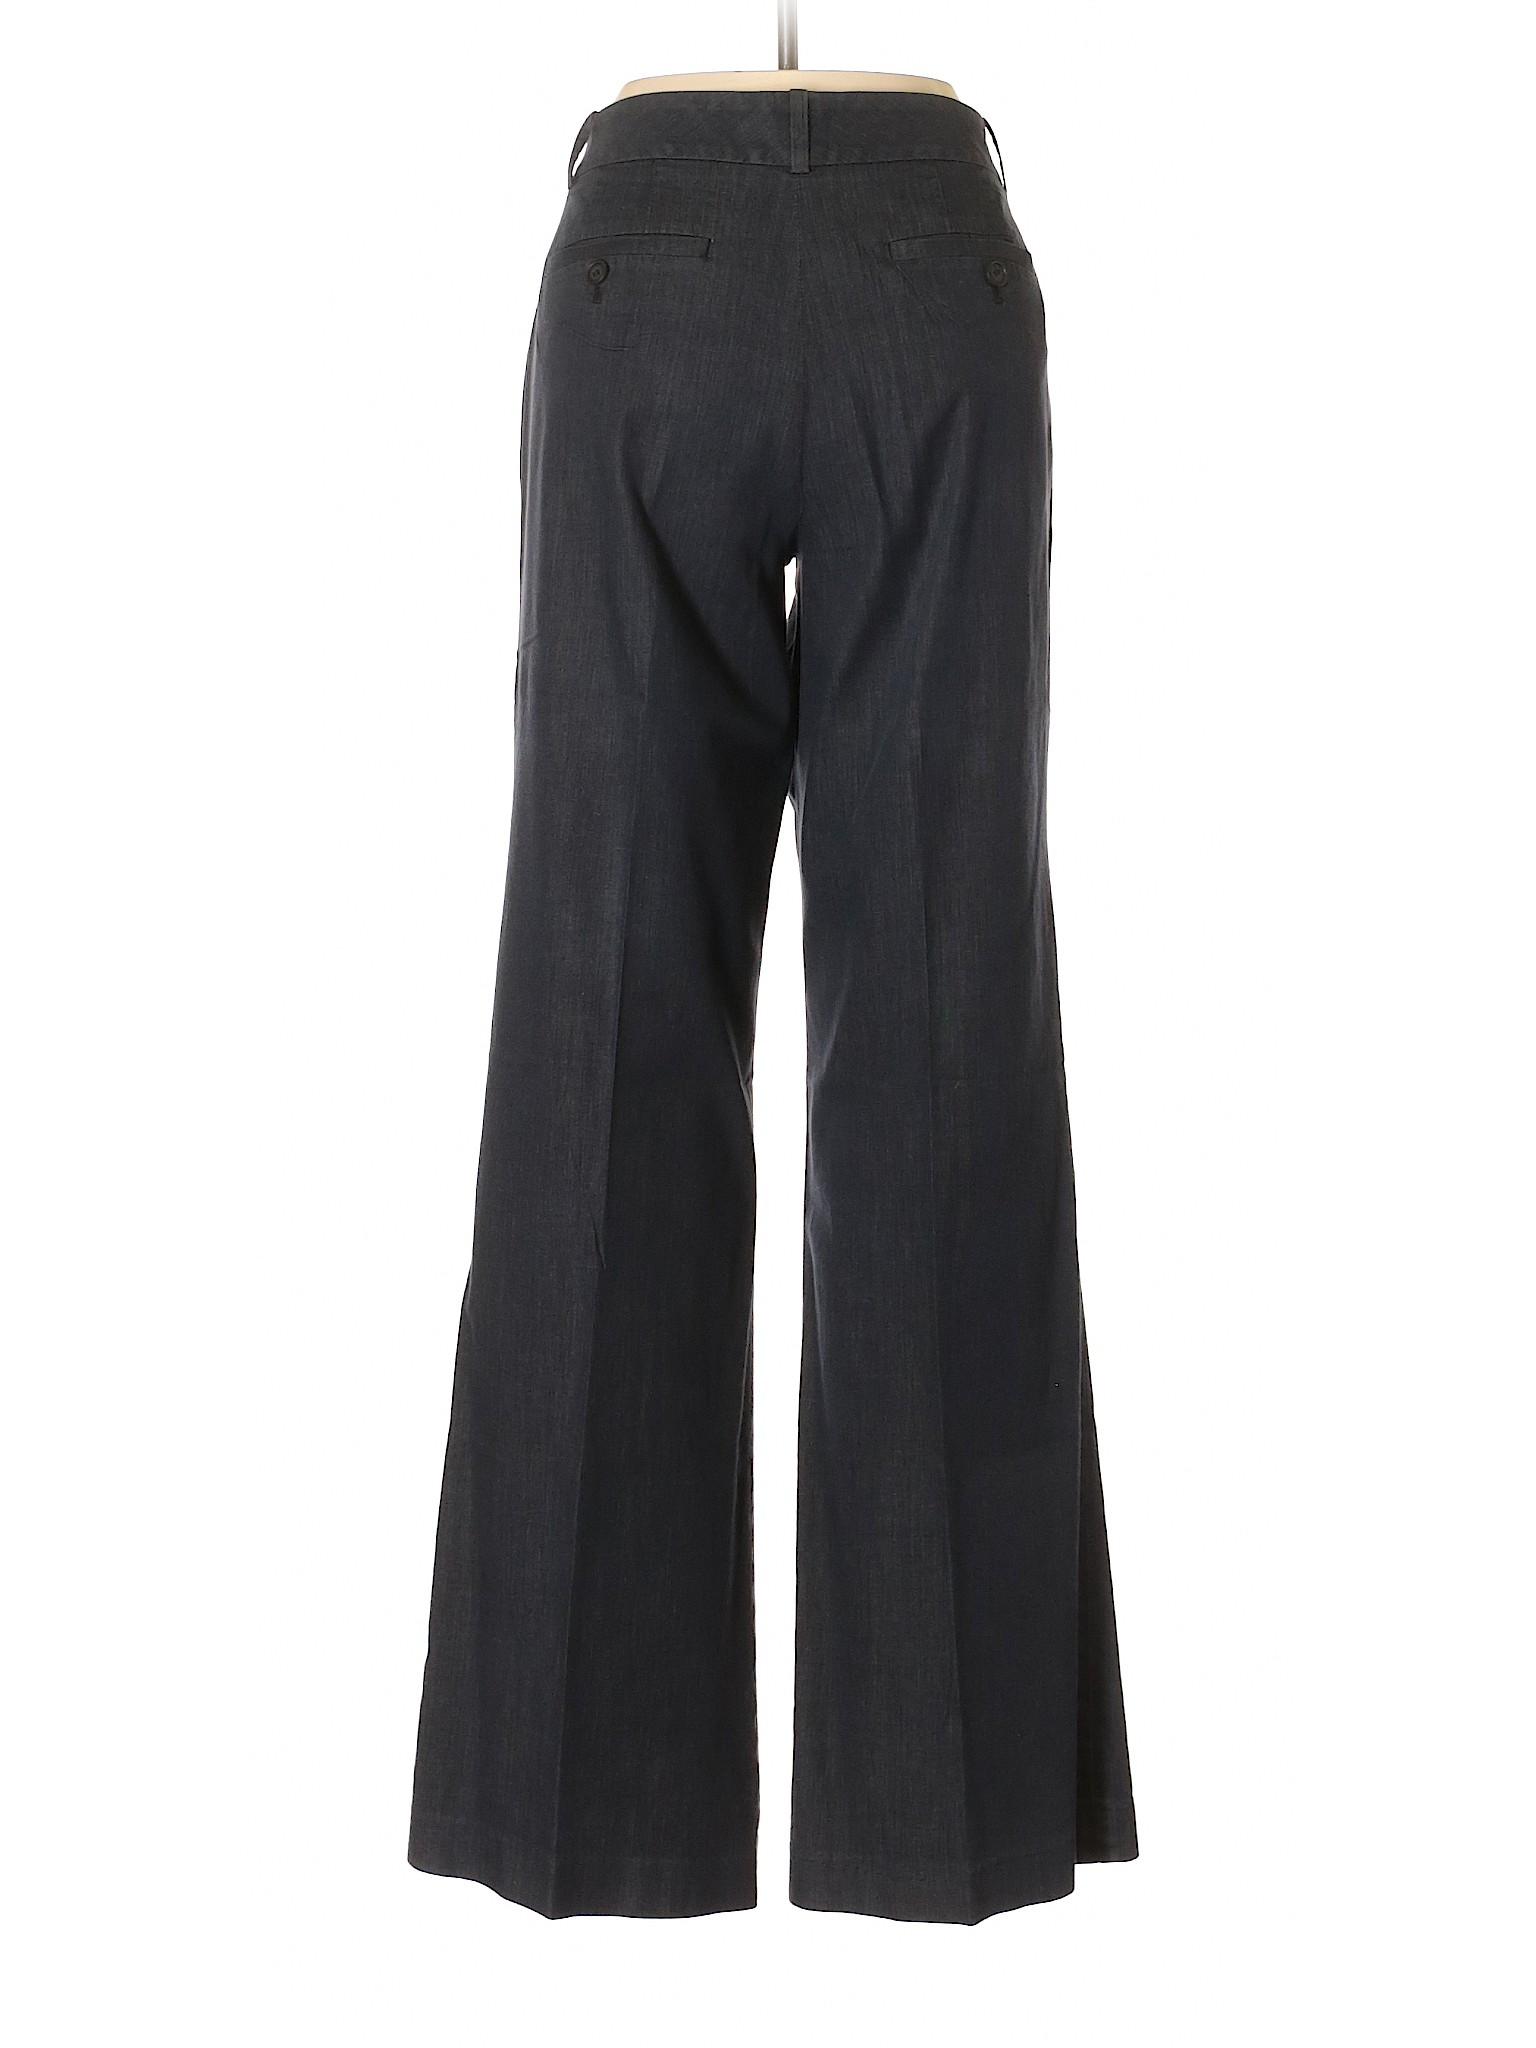 LOFT Dress Boutique Taylor Ann Pants 6qxTgxH